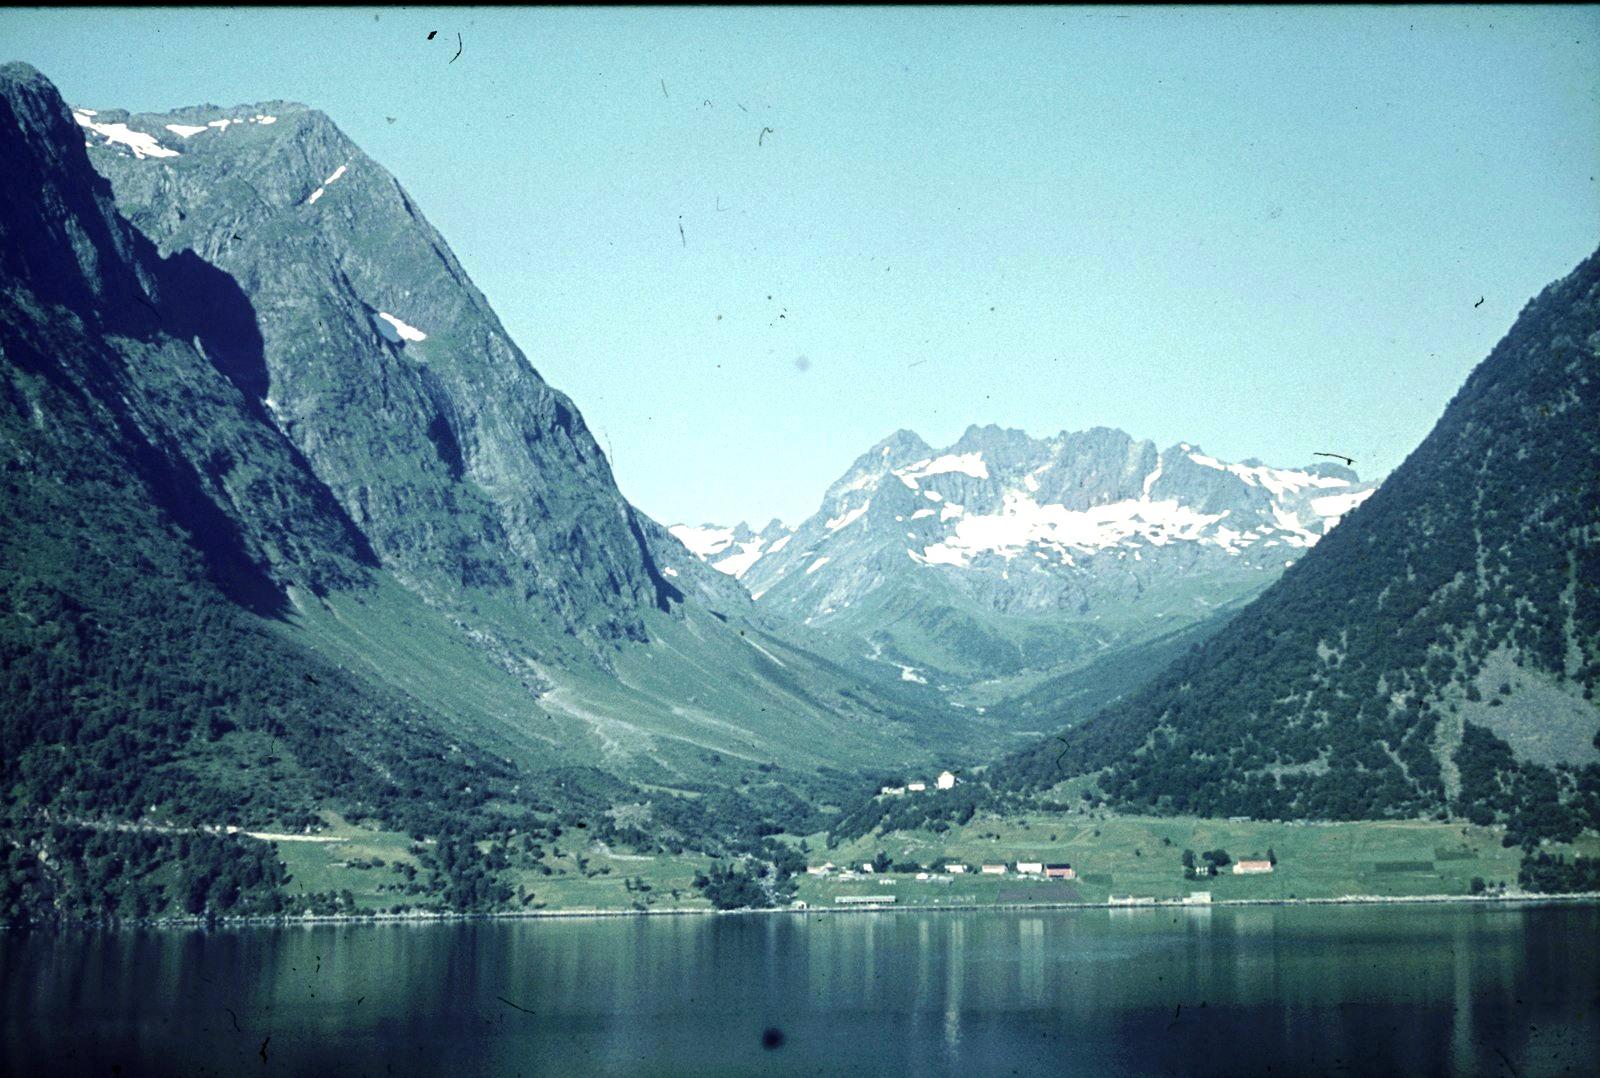 Пассажирское судно во фьорде. Поселение на берегу